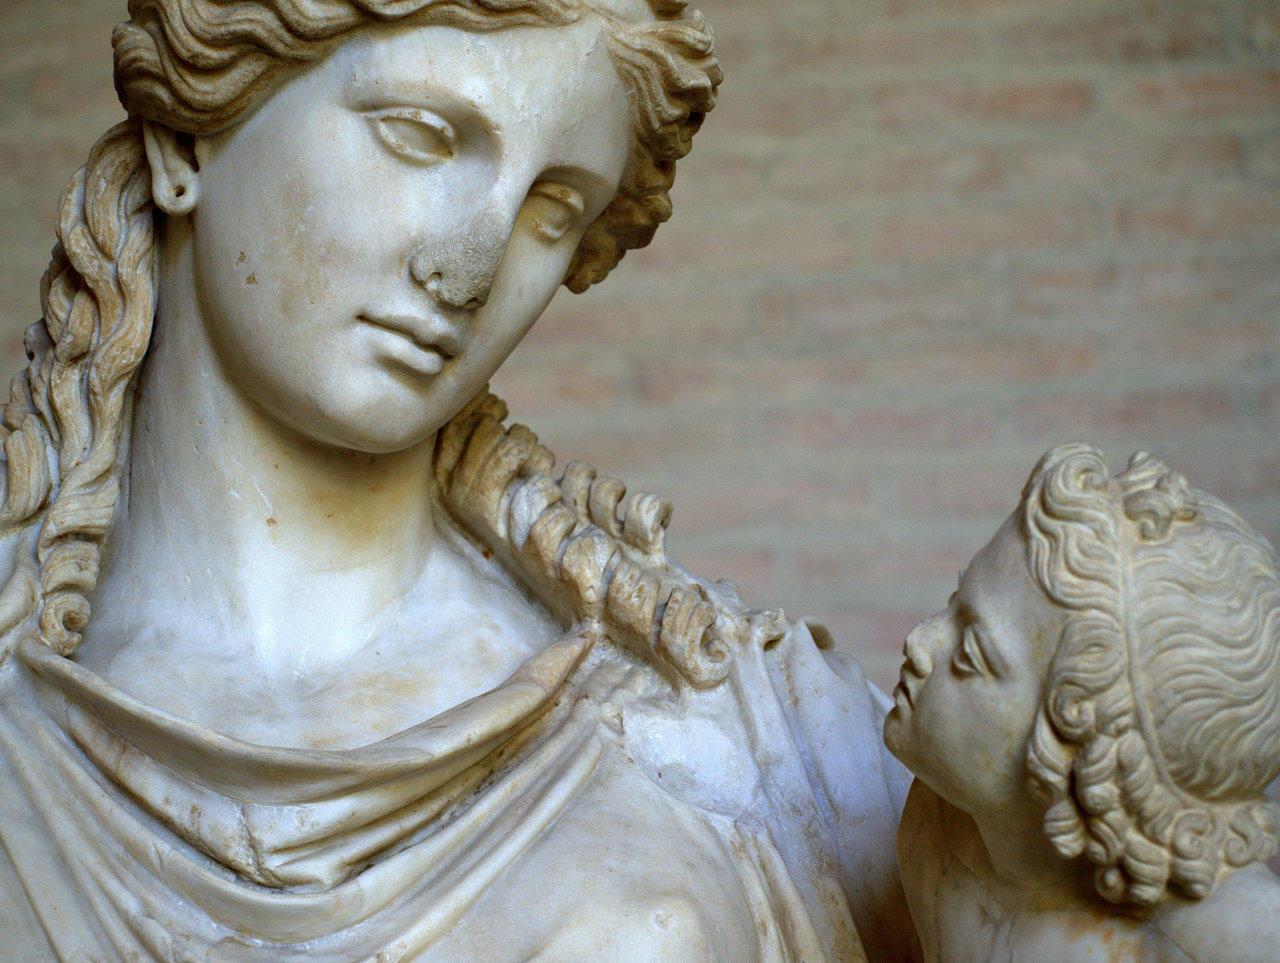 Η αρχαία ελληνική ευχή της μάνας στον γιό, έξι λέξεις μόνο φωνήεντα